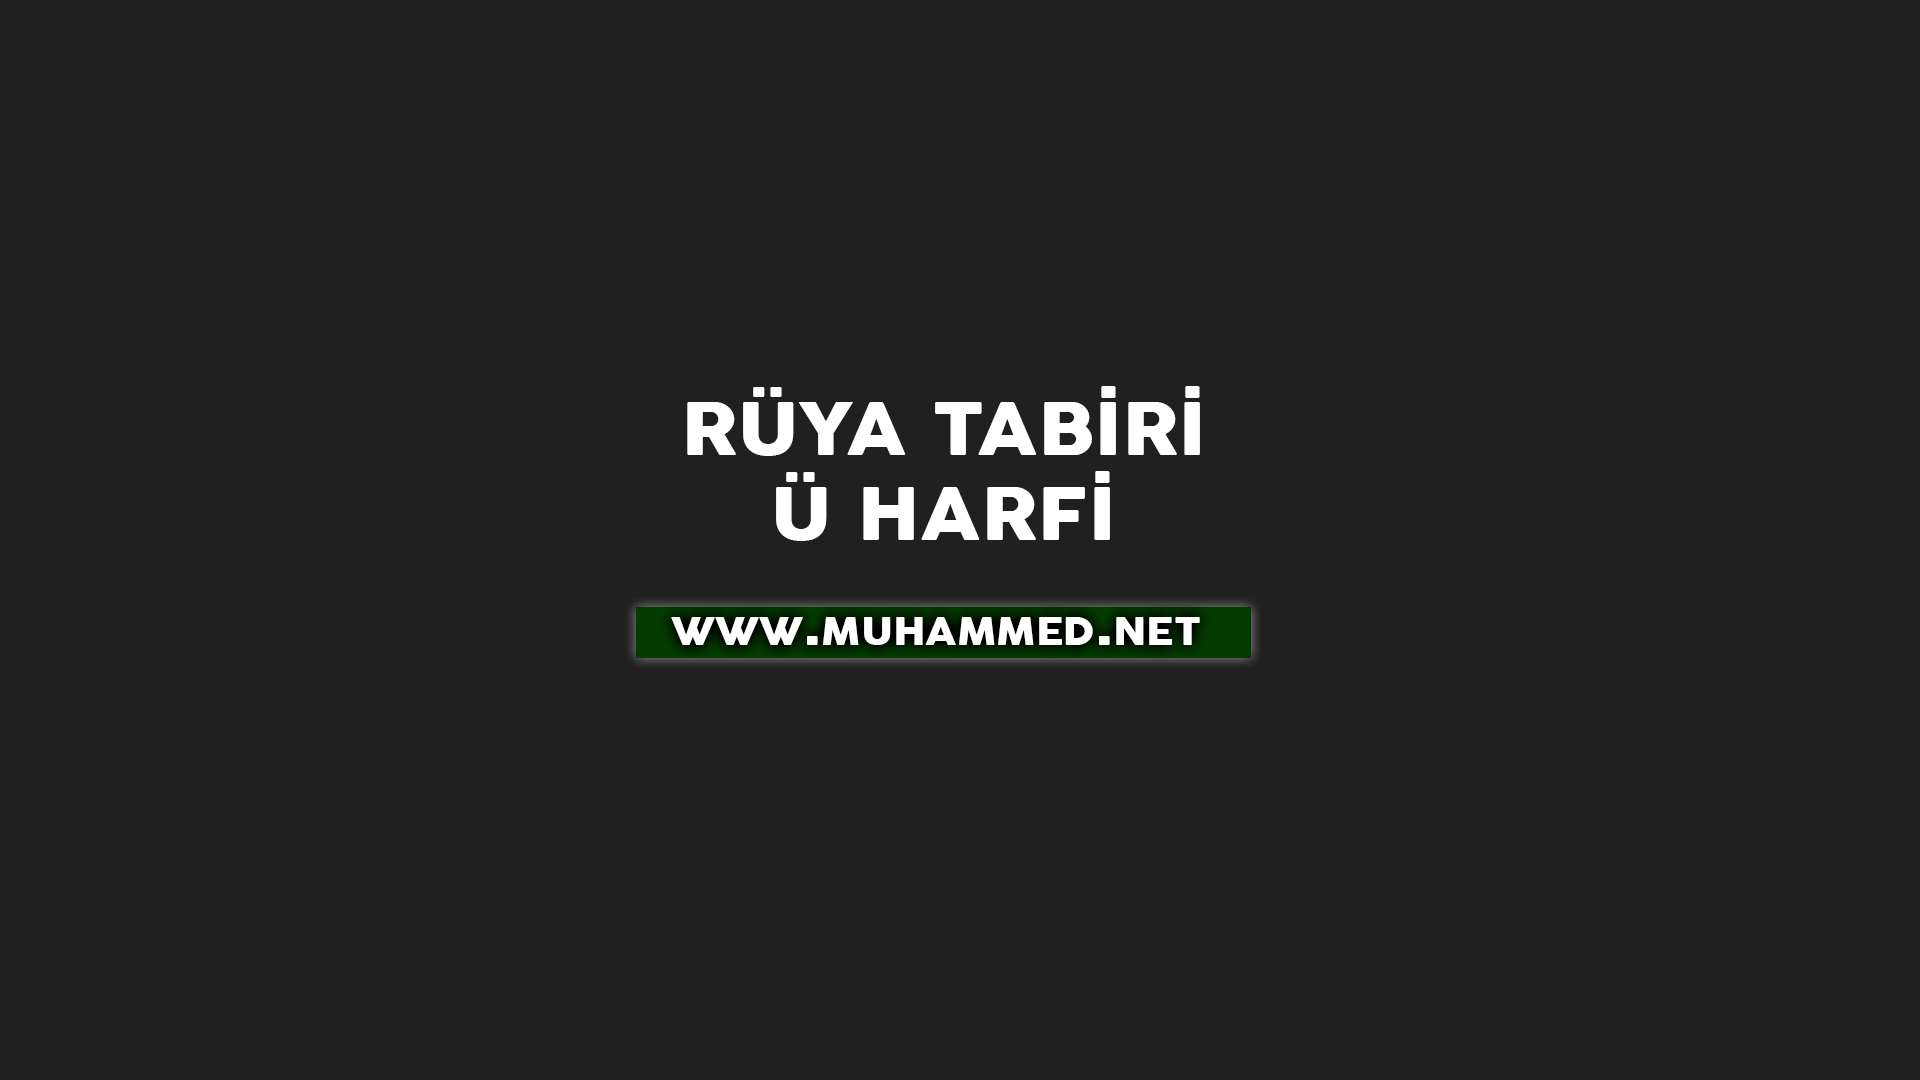 Rüya Tabiri - Ü Harfi